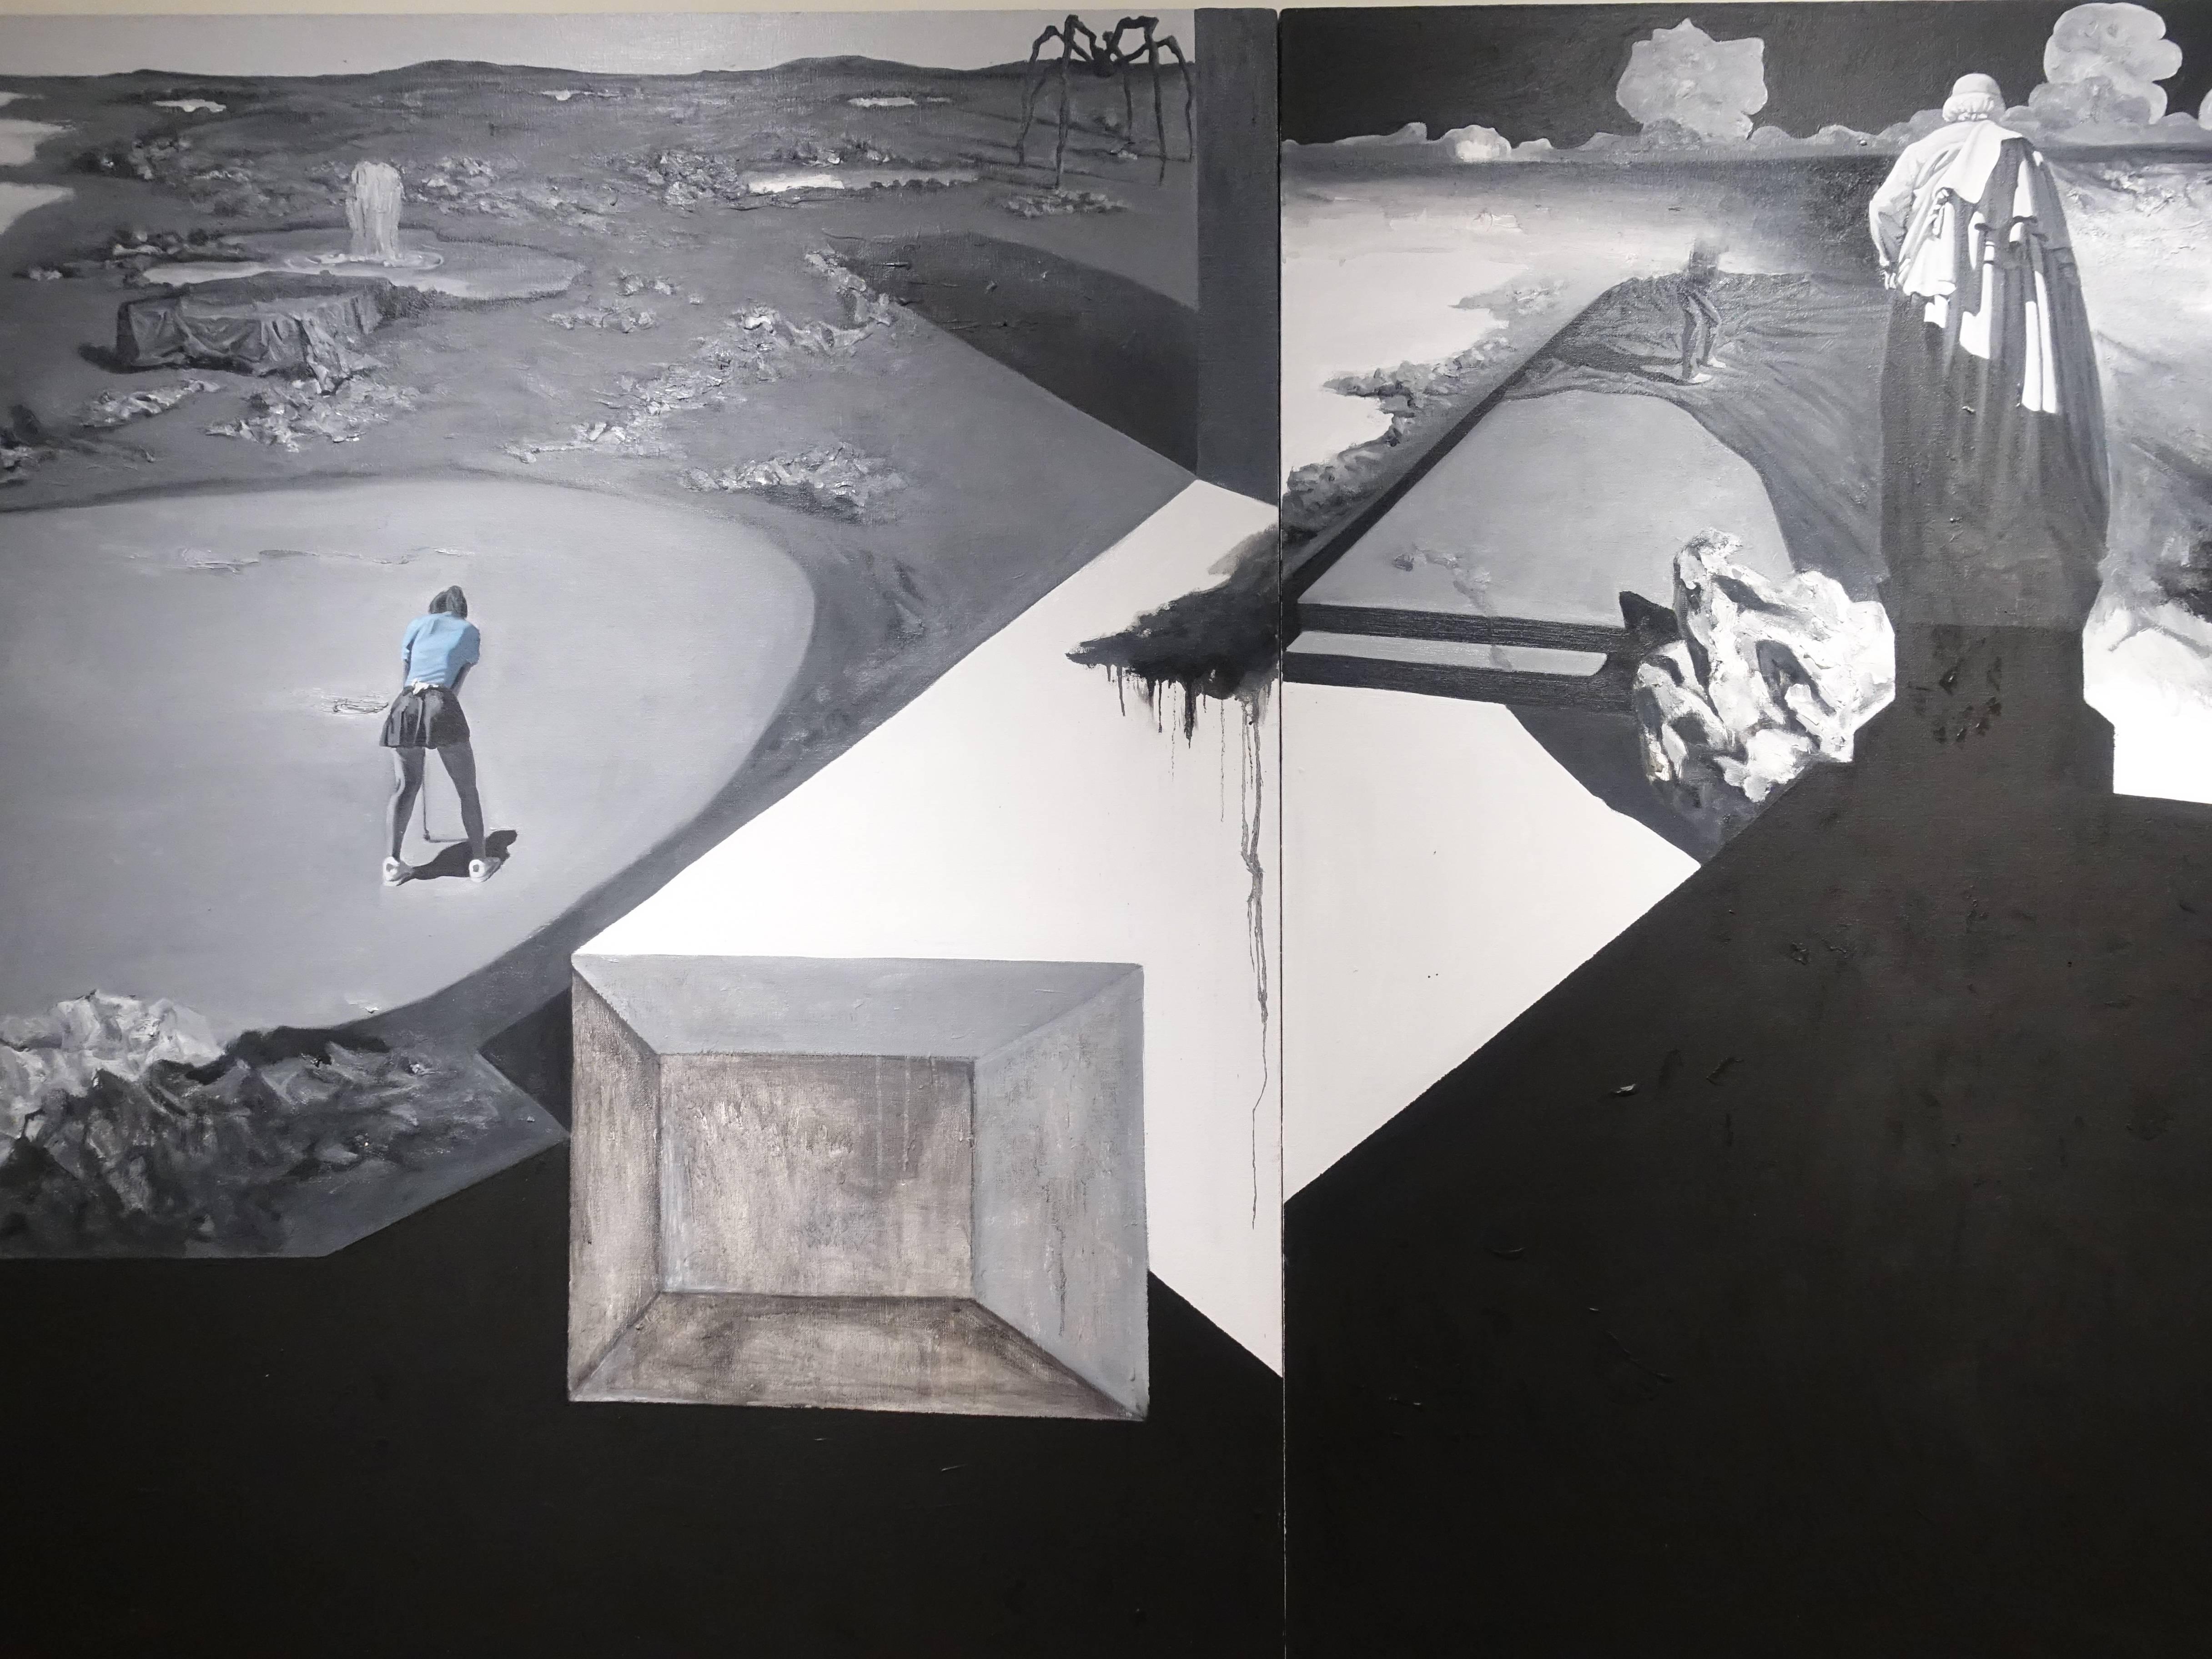 劉芯濤,《無邊的風景2018-2》細節,150 x 360 cm,布面油畫,2018。